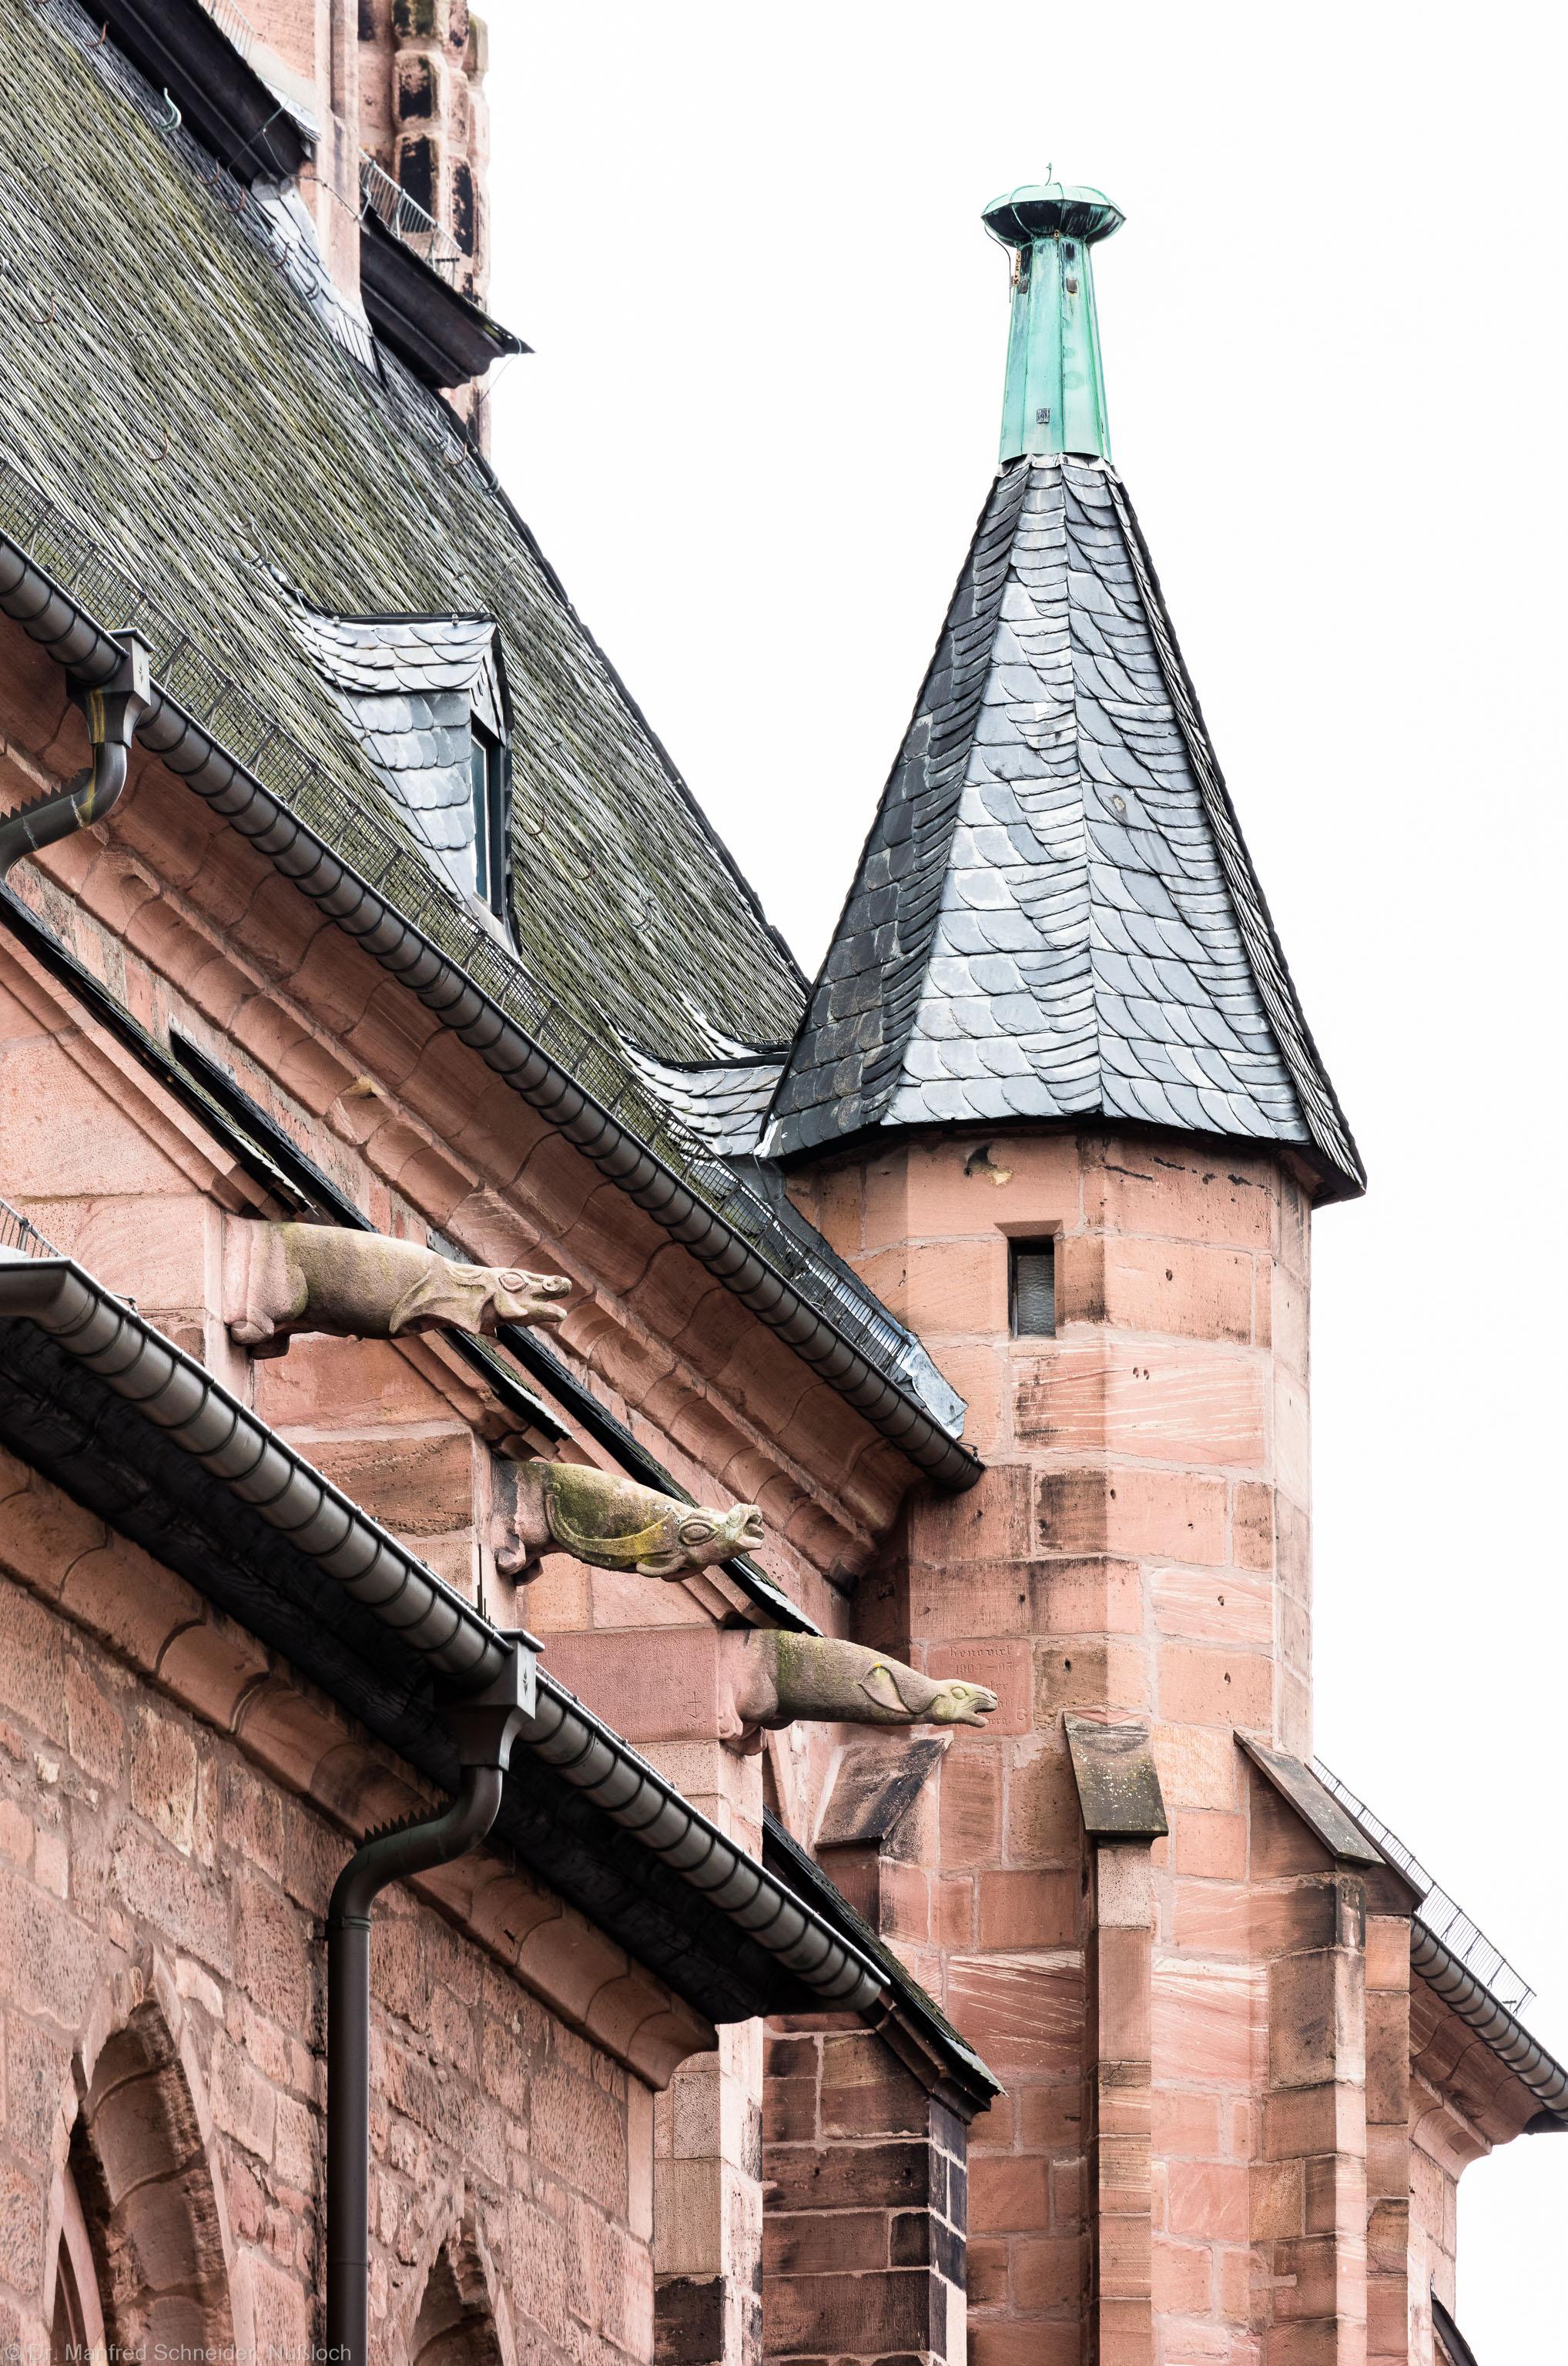 Heidelberg - Heiliggeistkirche - Aussen / Nord - Blick von Nordosten auf die Nordfassade, den Turmaufgang und die Wasserspeier (aufgenommen im September 2015, am späten Vormittag)